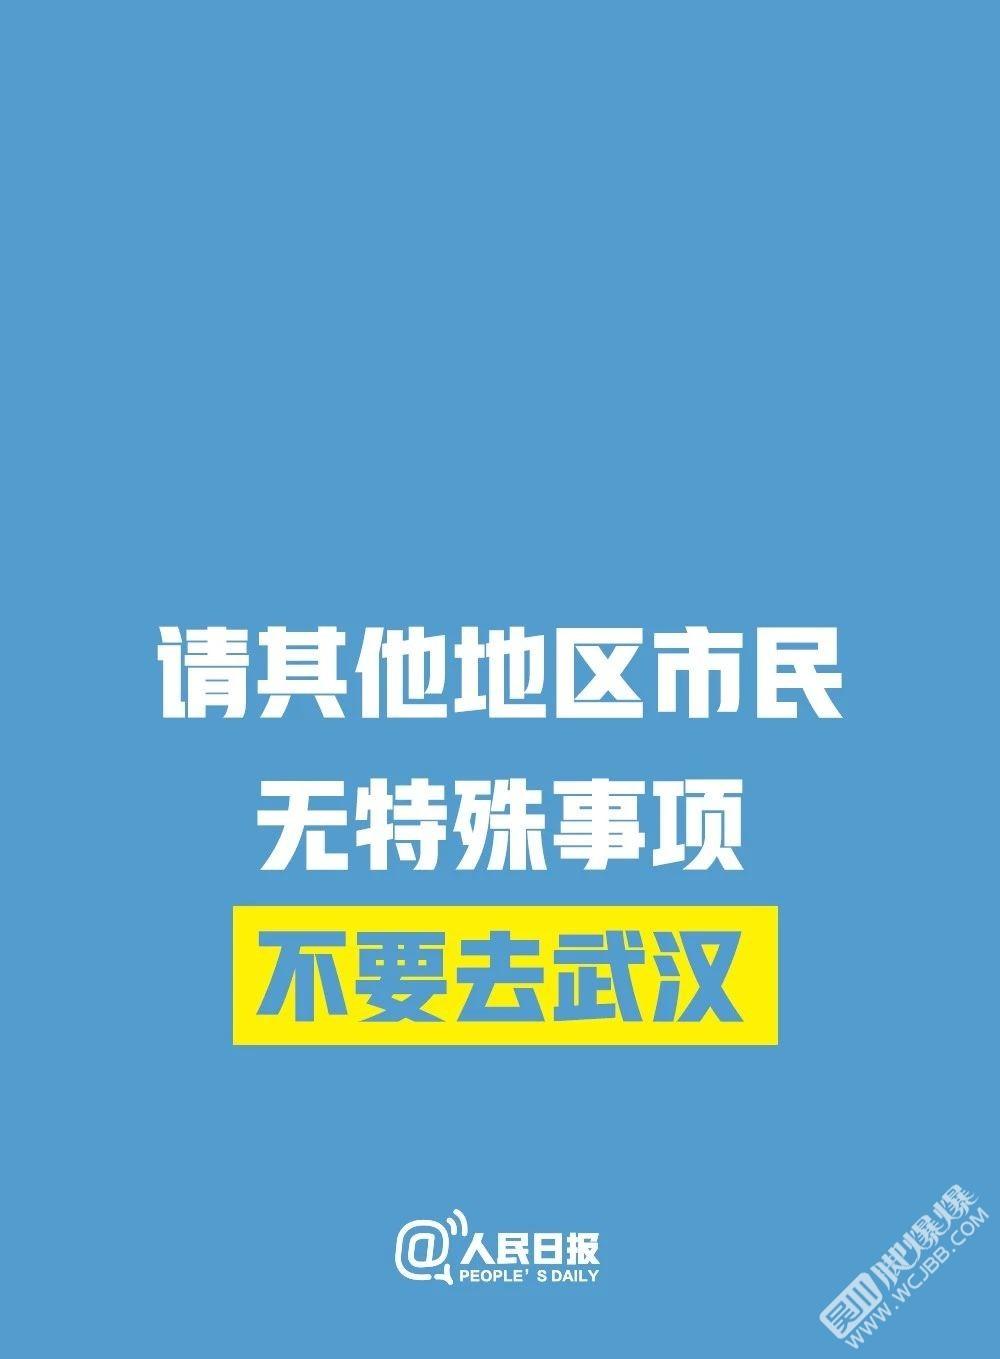 支持请转!关于武汉新型肺炎,我们倡议!